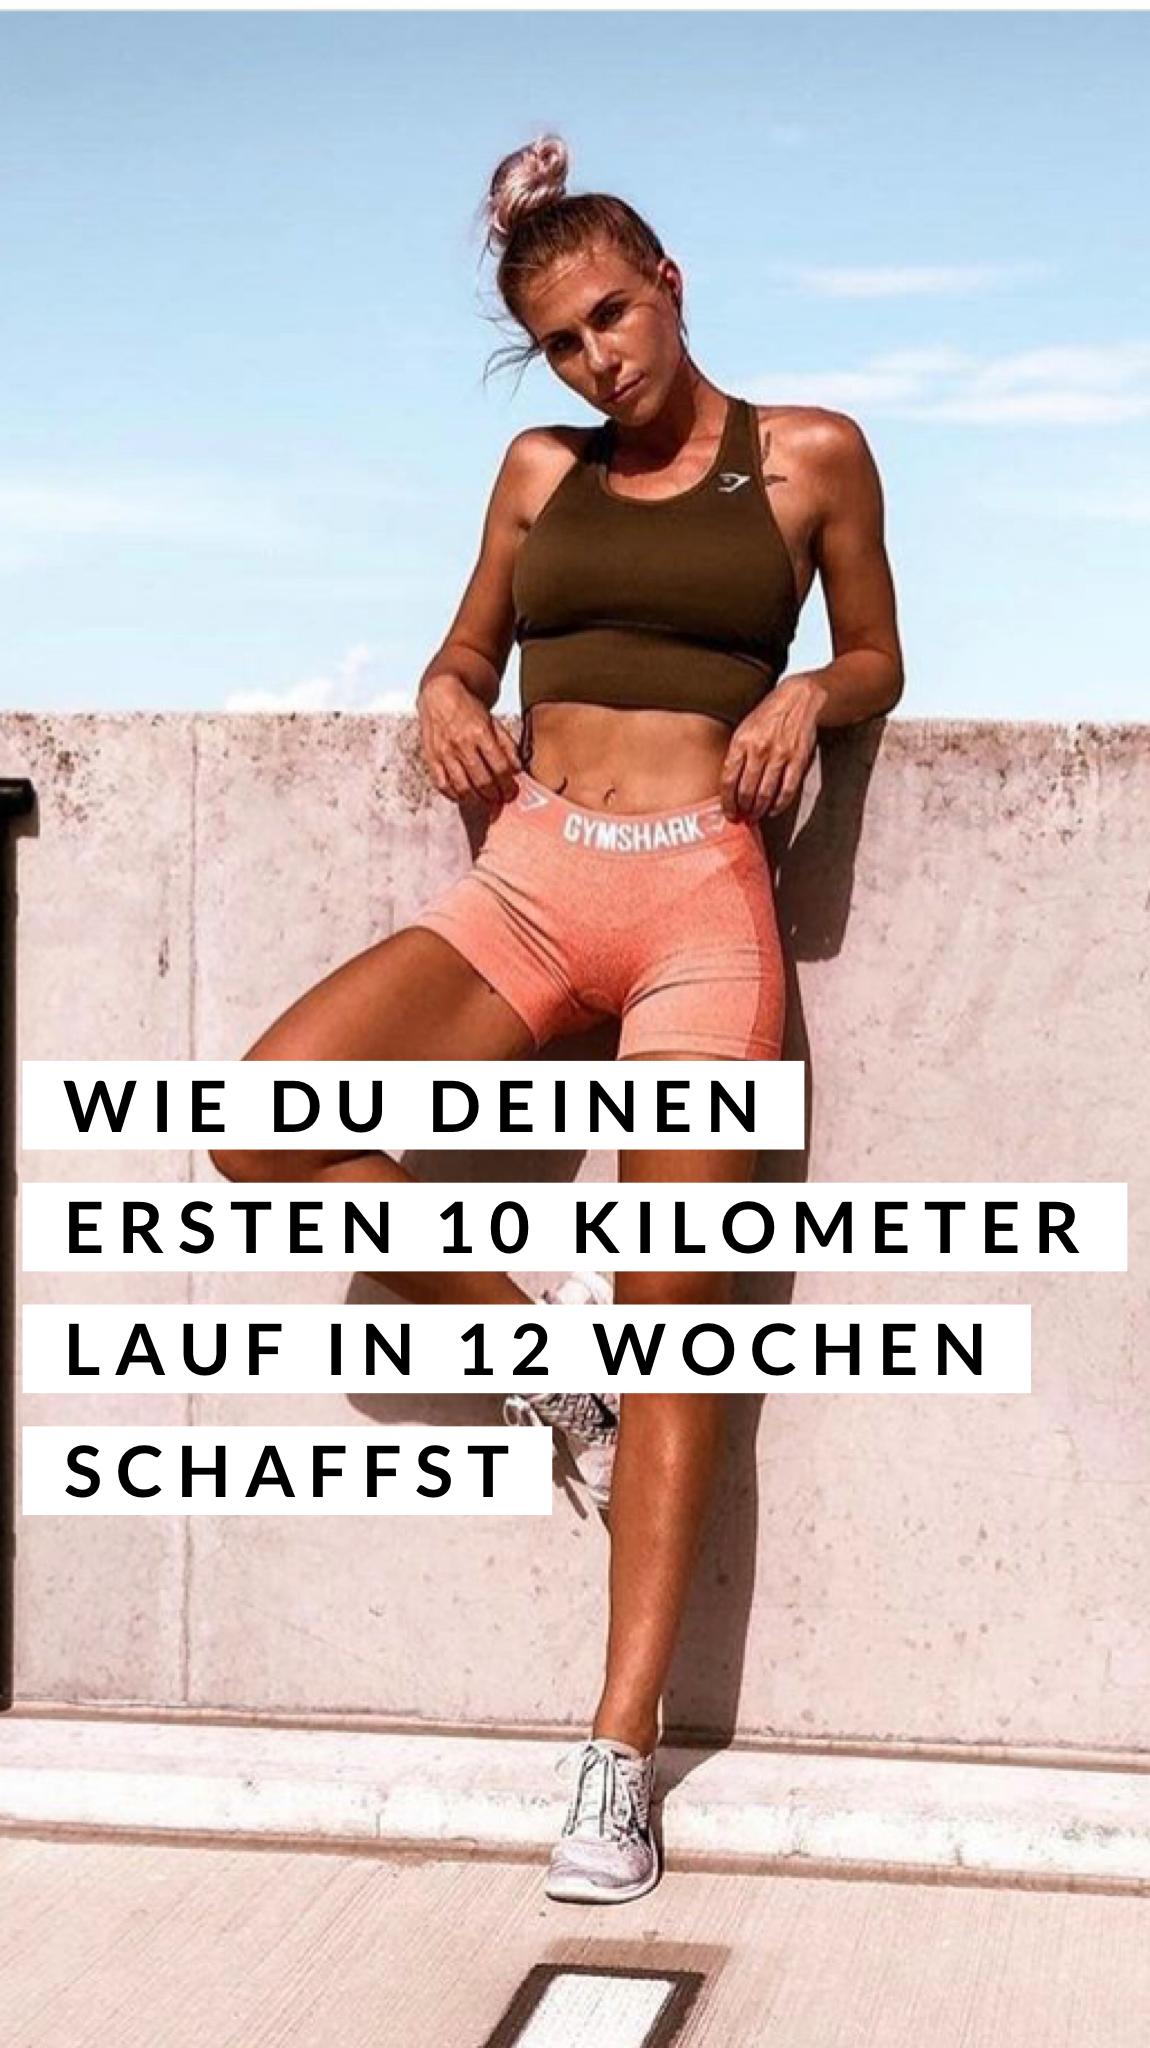 #Ihr #erster #Kilometer #Laufen Sie Ihre ersten 10 Kilometer Lauftraining ...   - fitness - #ersten...